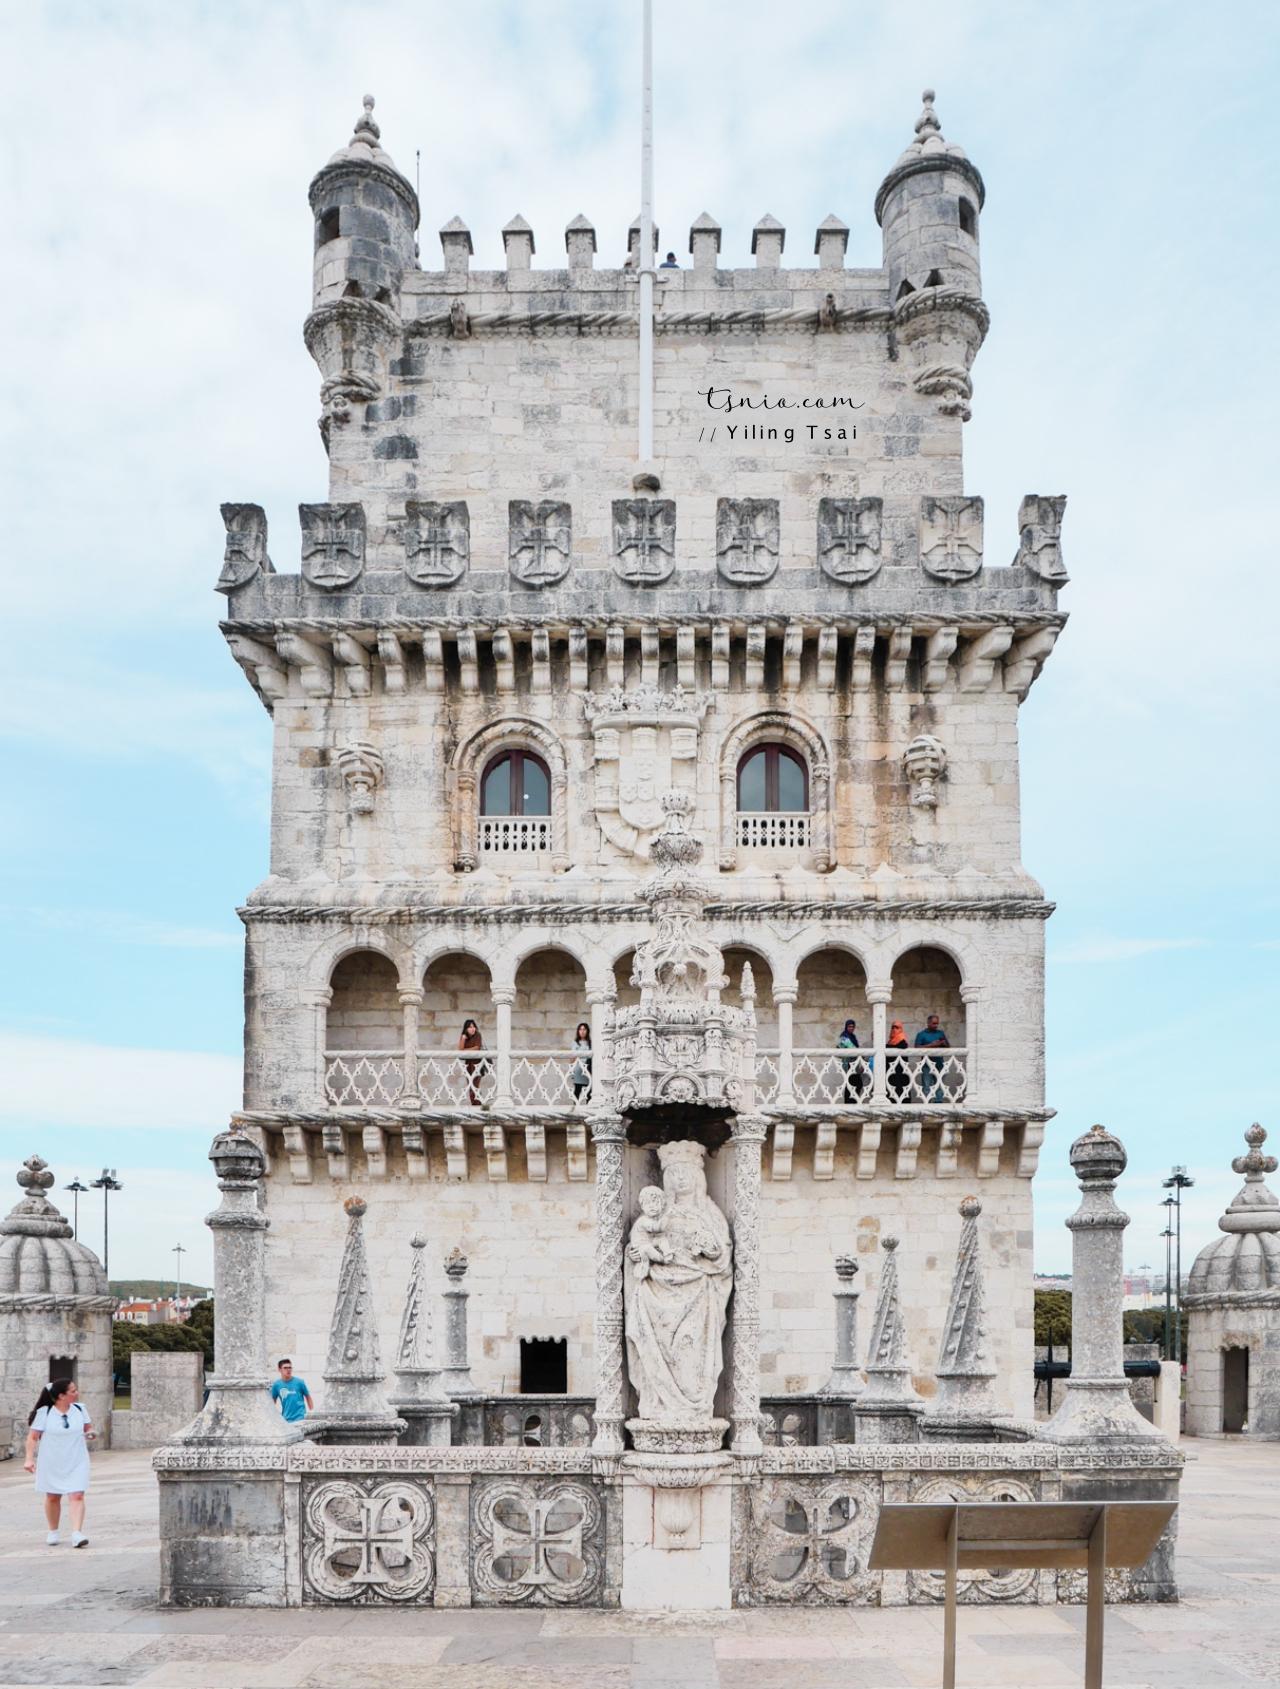 葡萄牙里斯本景點 貝倫塔  Torre de Belém 大航海時代防禦塔